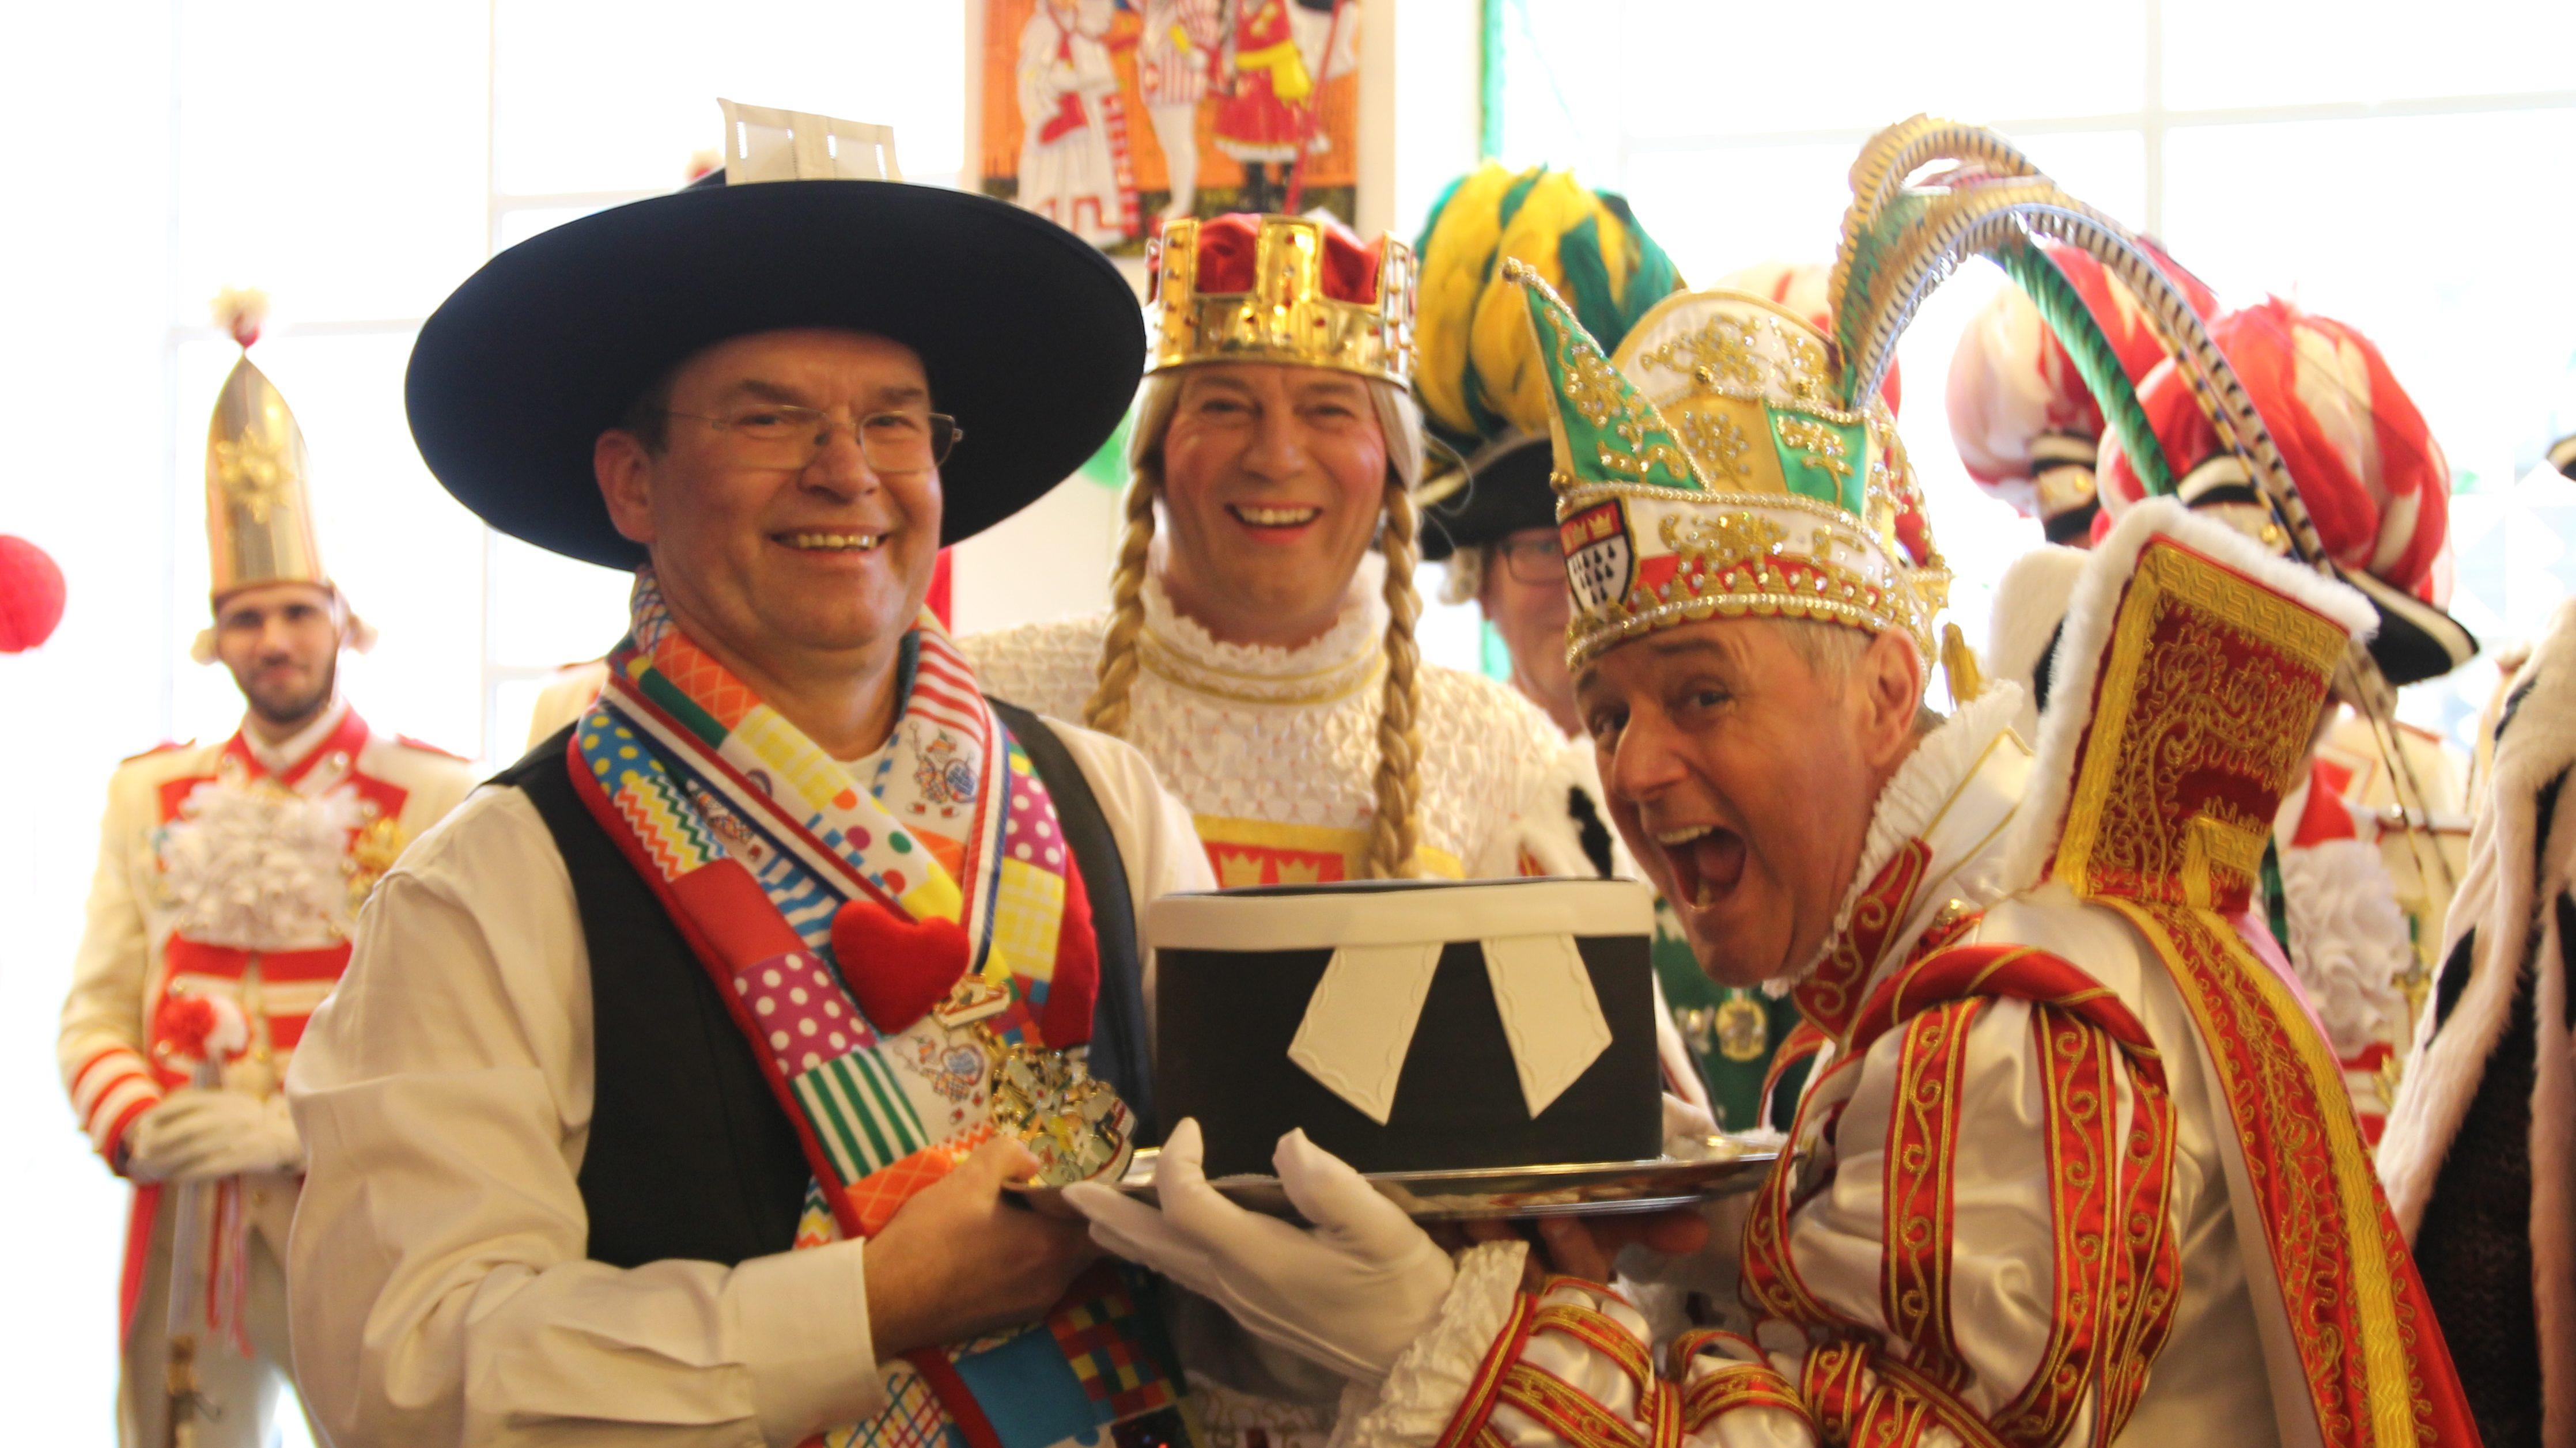 Auf der Krempe steht ein Beffchen, als könne es nicht anders – Stadtsuperintendent begrüßt Dreigestirn im Haus der Evangelischen Kirche